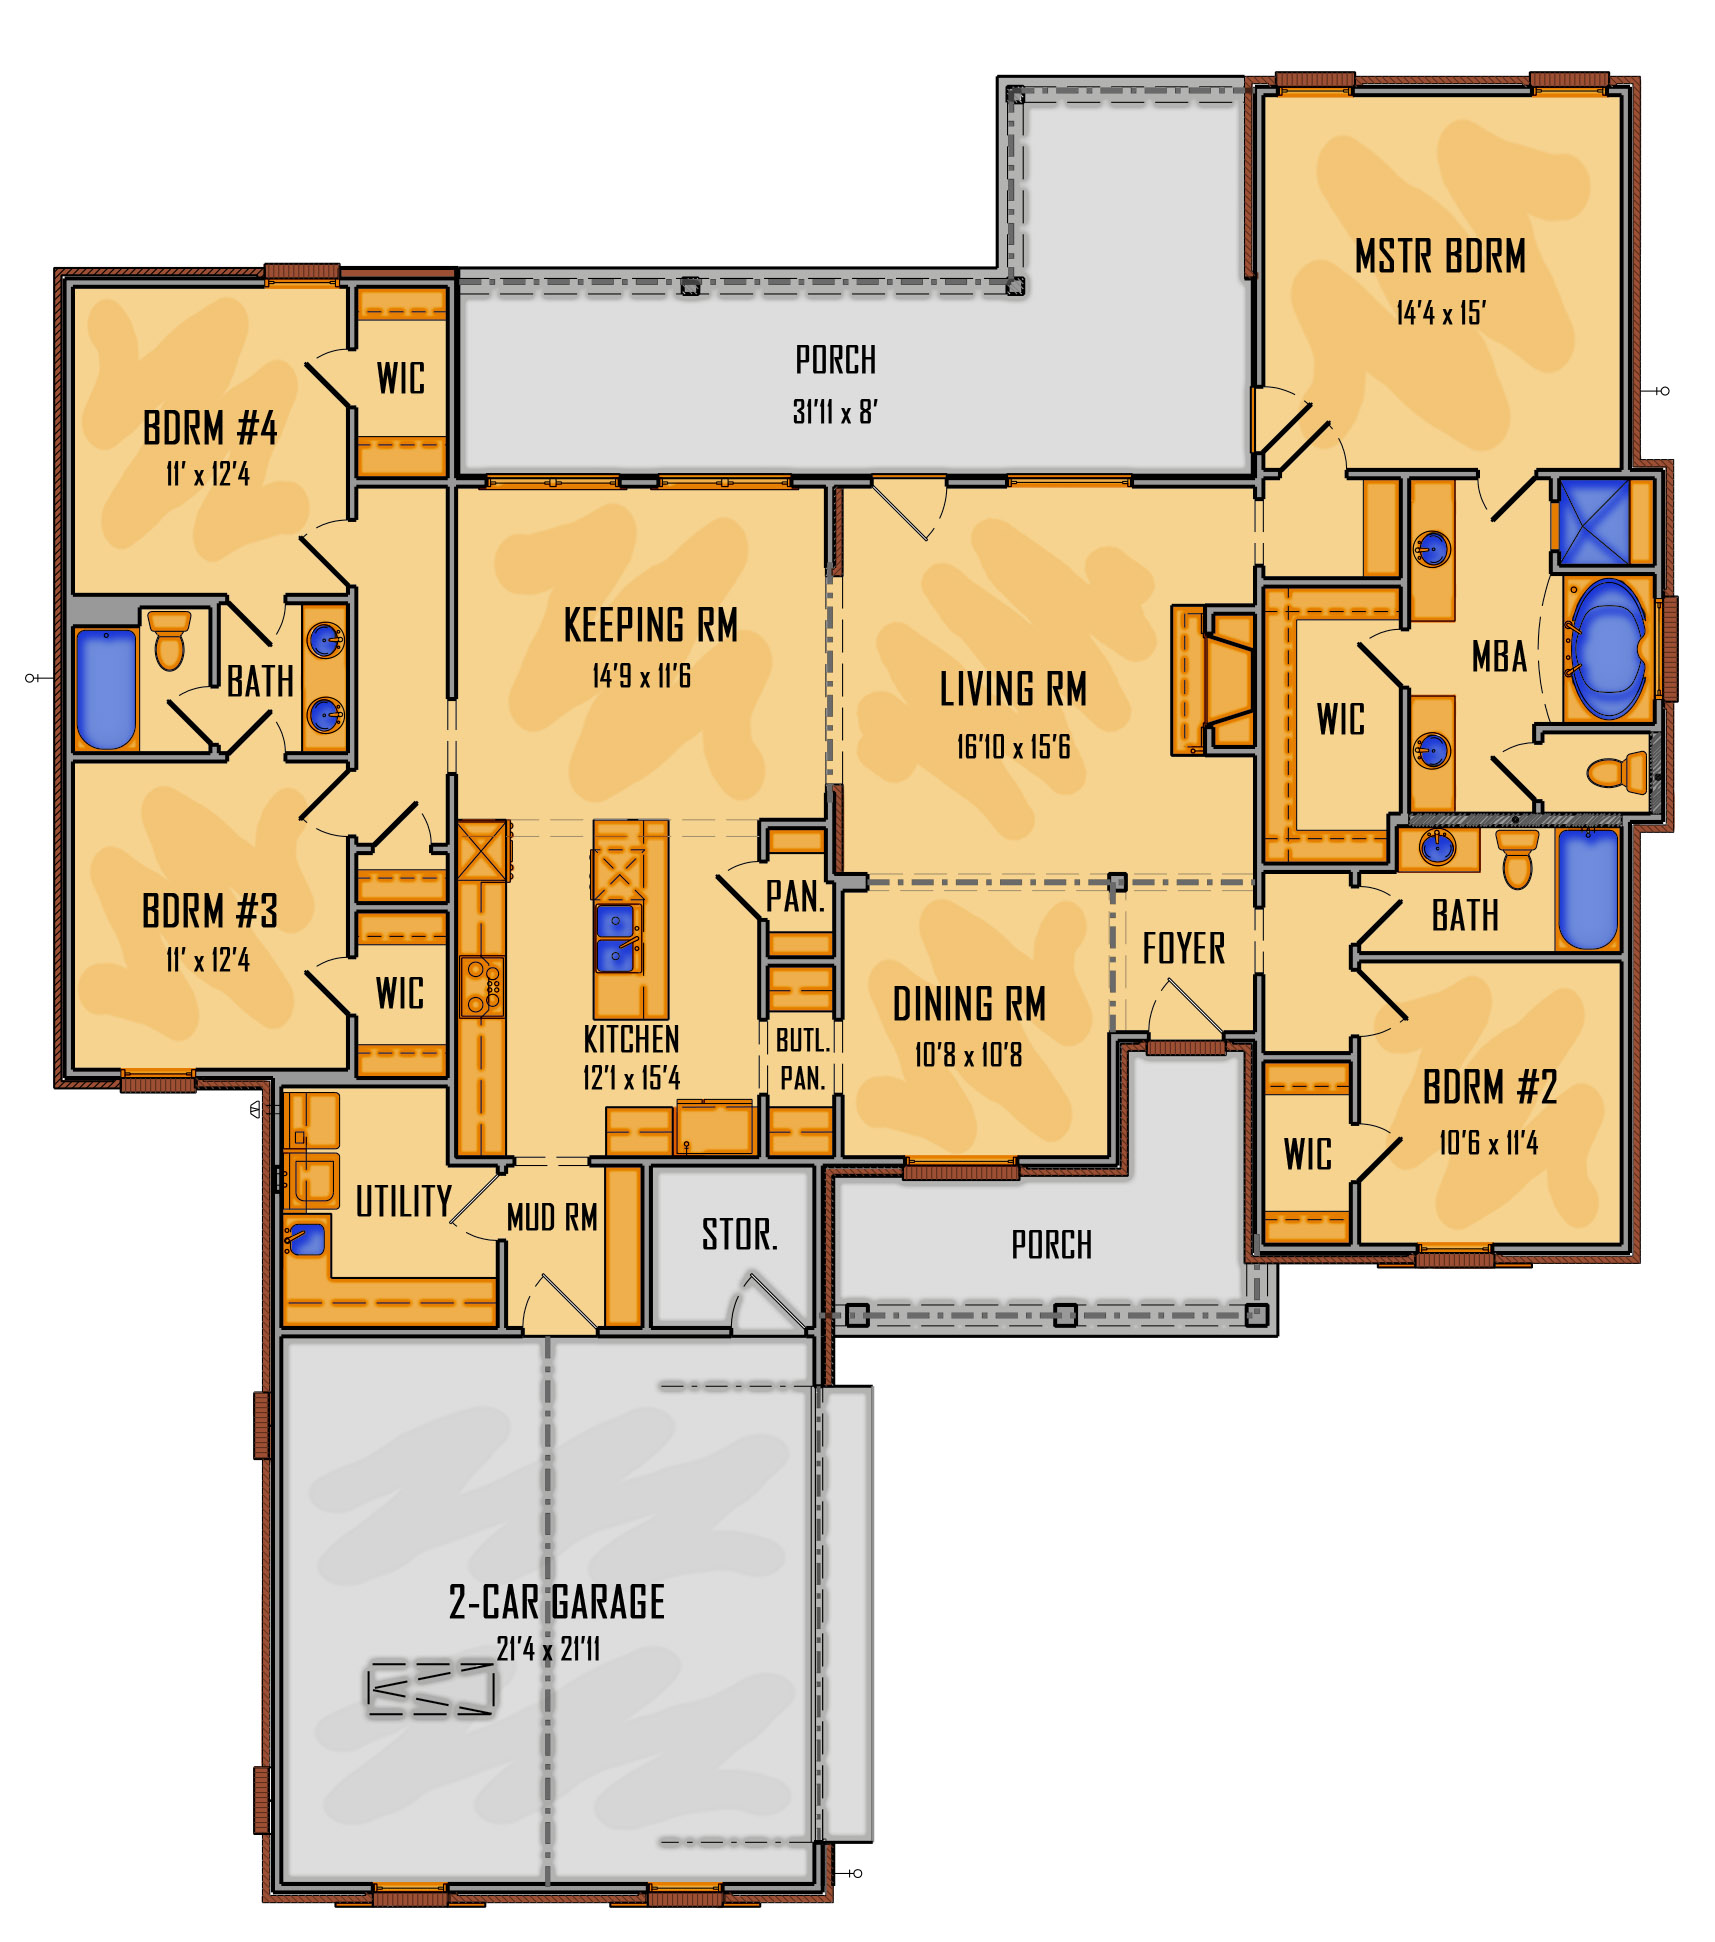 35-18 1st Floor Rendering